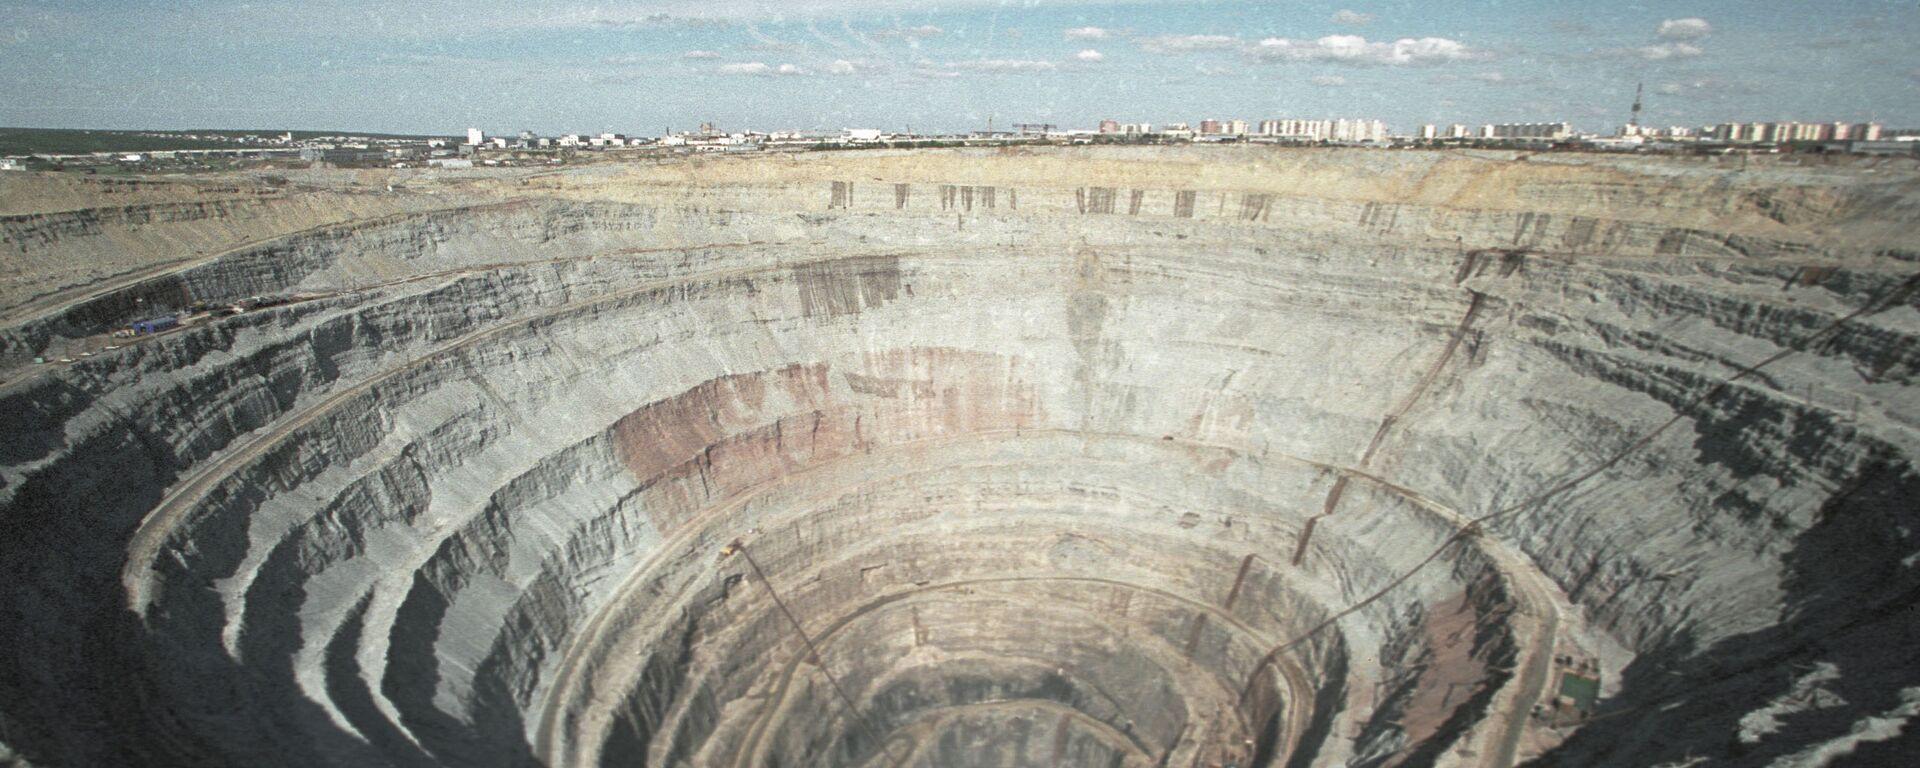 Mina de diamantes, imagen referencial - Sputnik Mundo, 1920, 06.03.2021